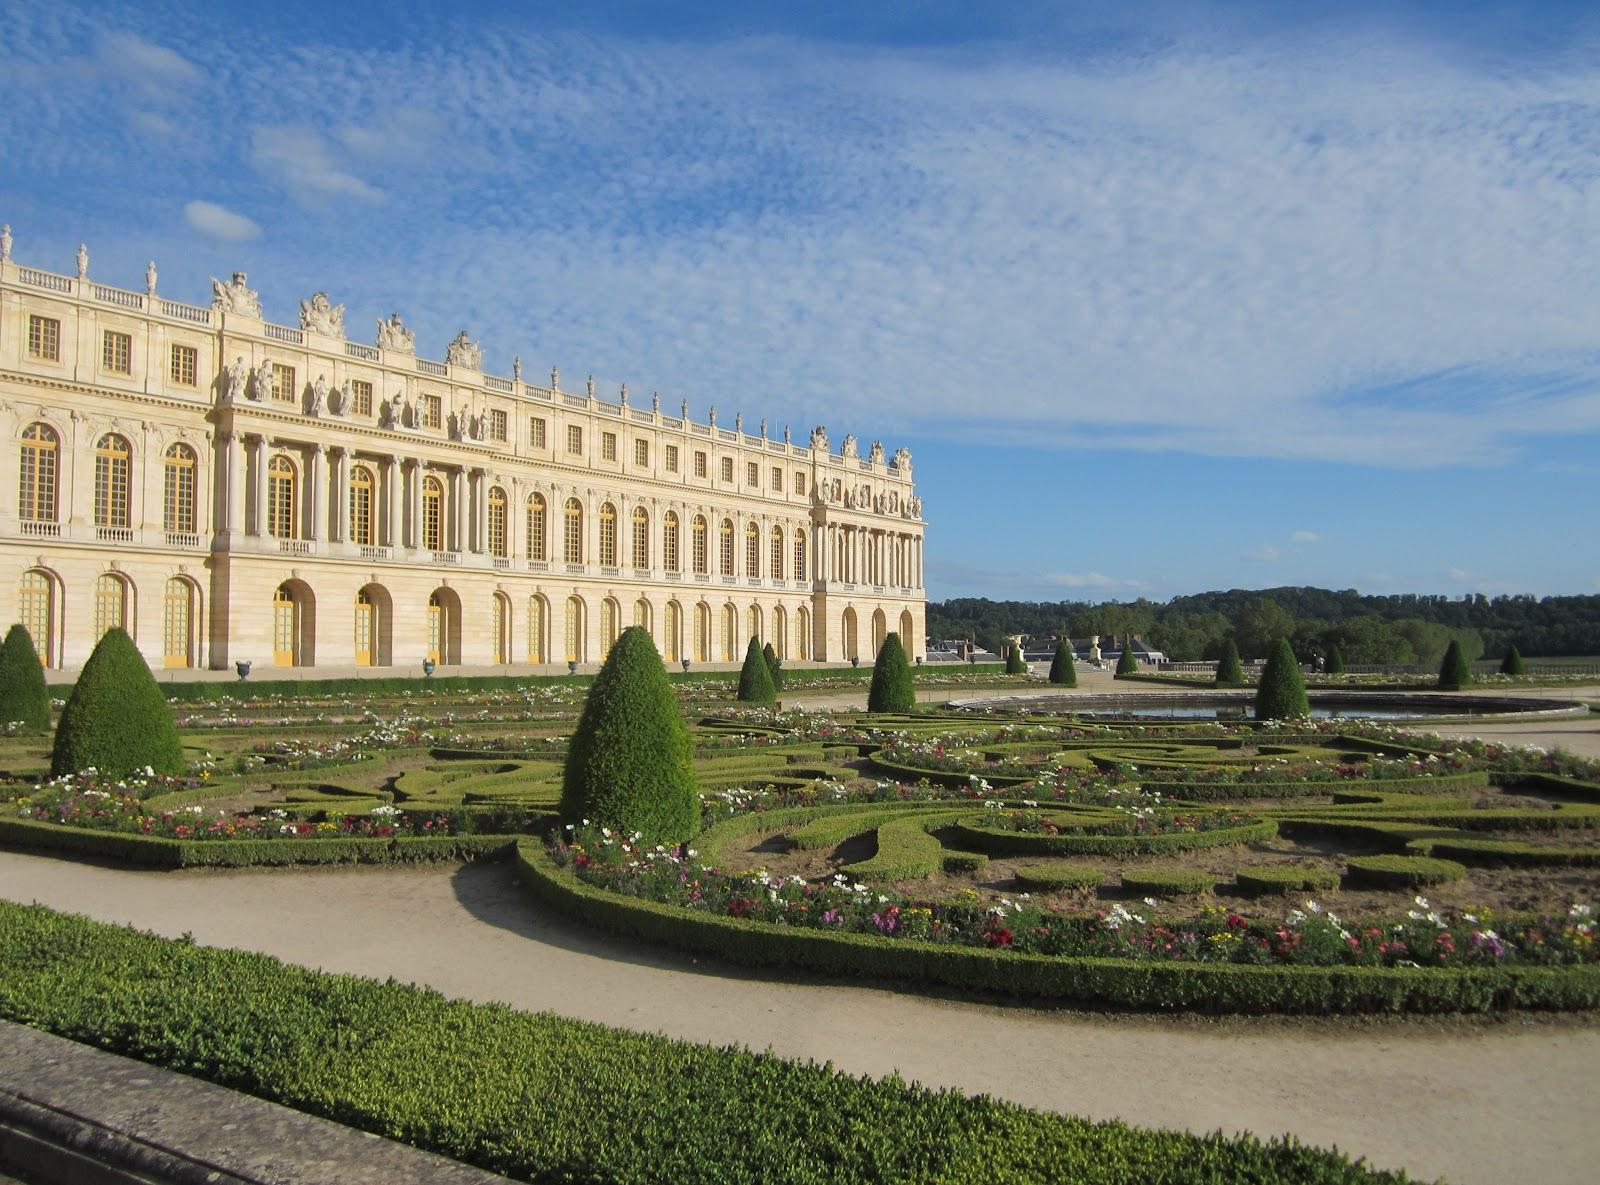 Images des jardins du chateau de versailles - Jardin du chateau de versailles gratuit ...